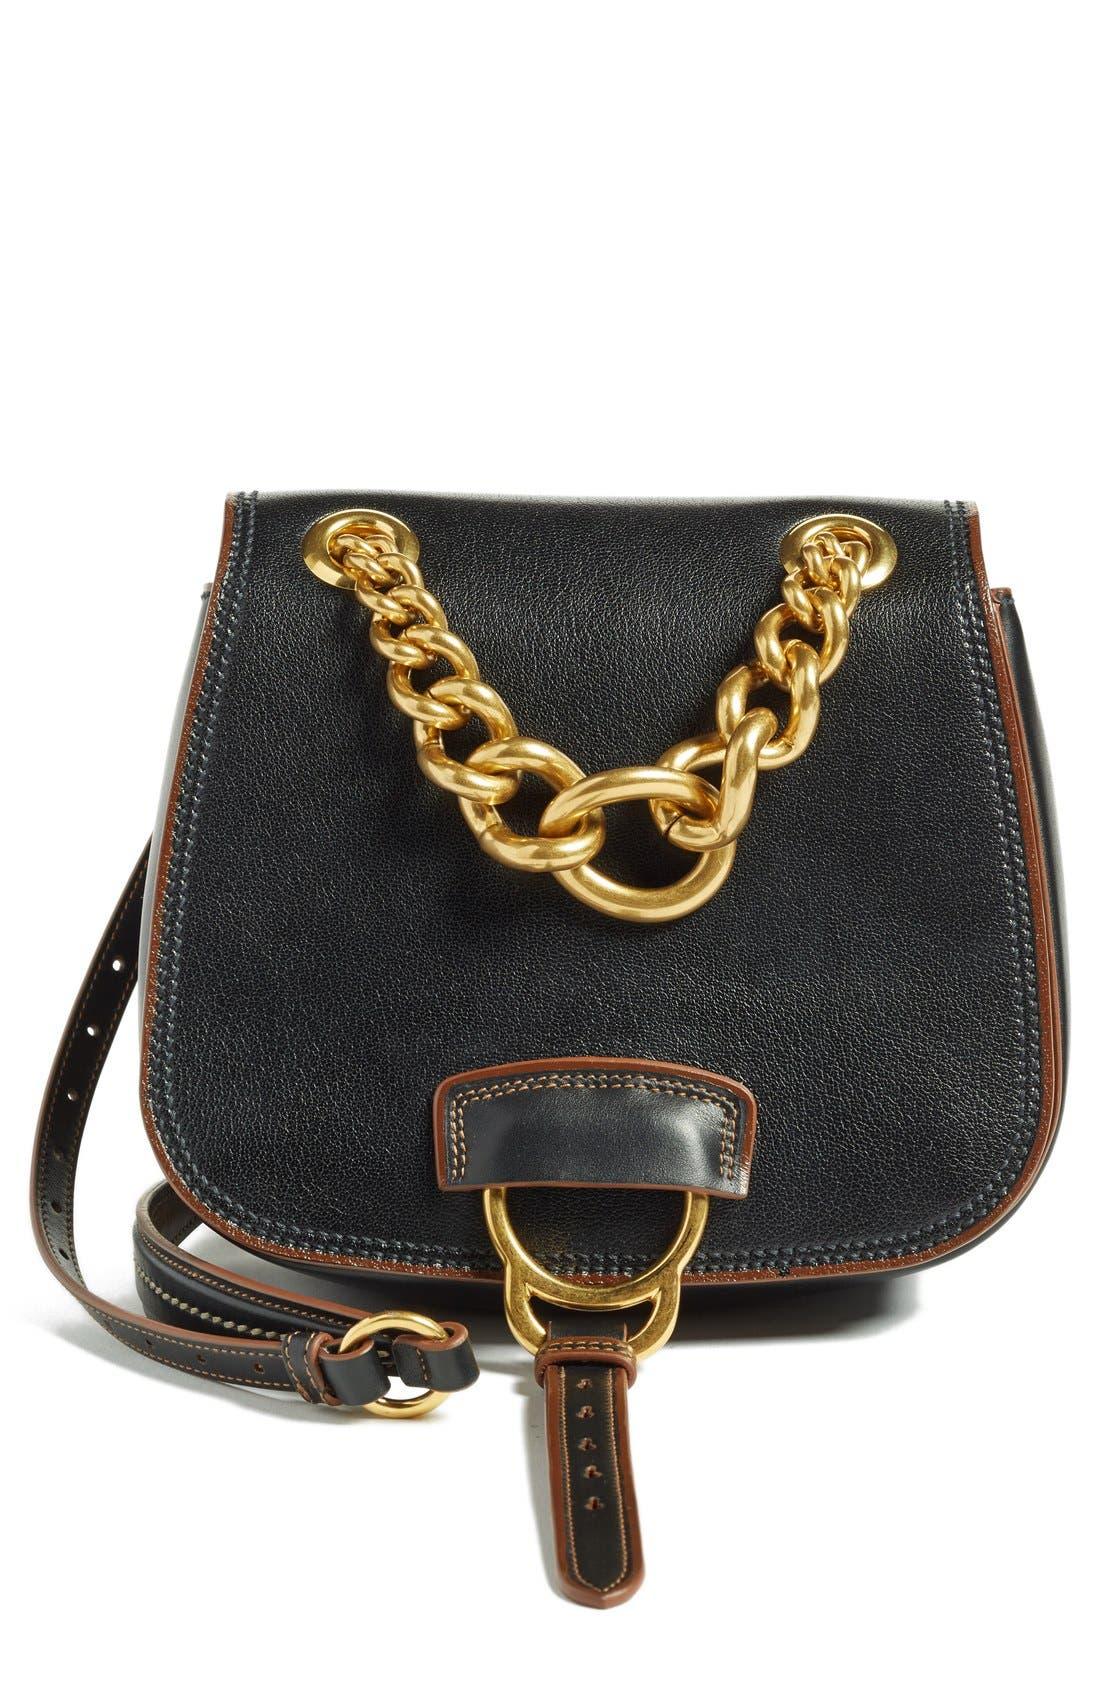 Alternate Image 1 Selected - Miu Miu 'Dahlia' Goatskin Leather Saddle Bag